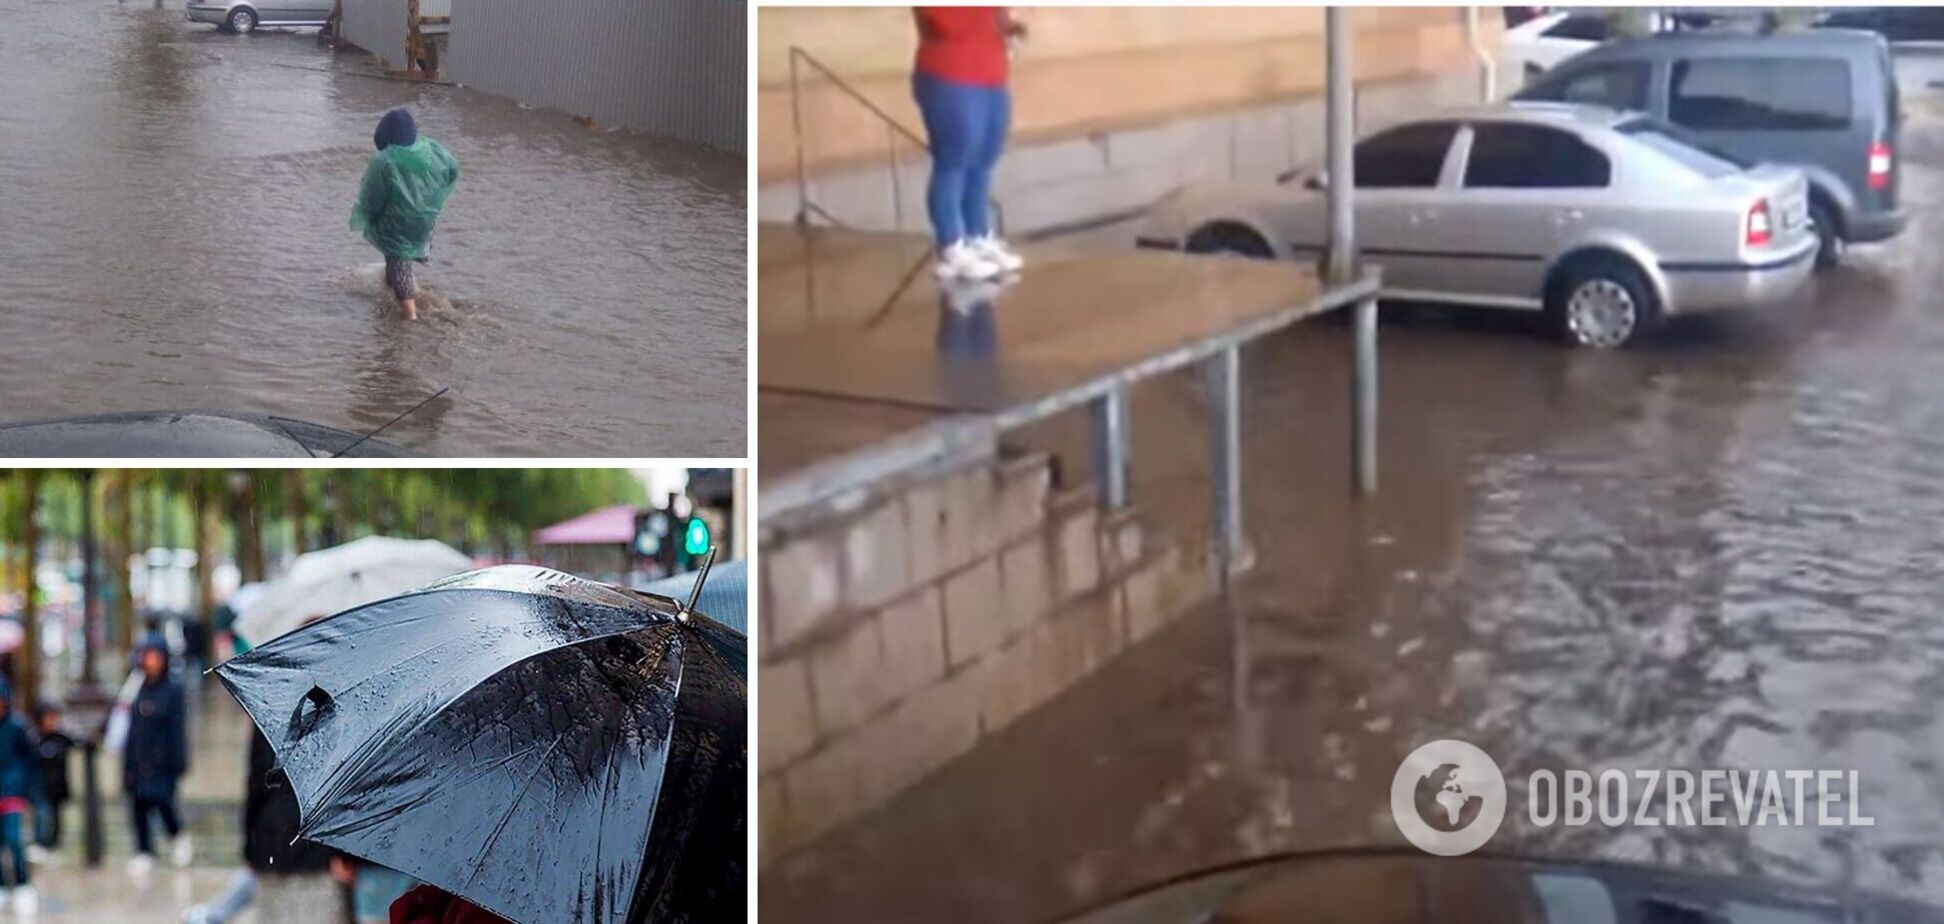 Кривой Рог затопило после сильного дождя. Фото и видео